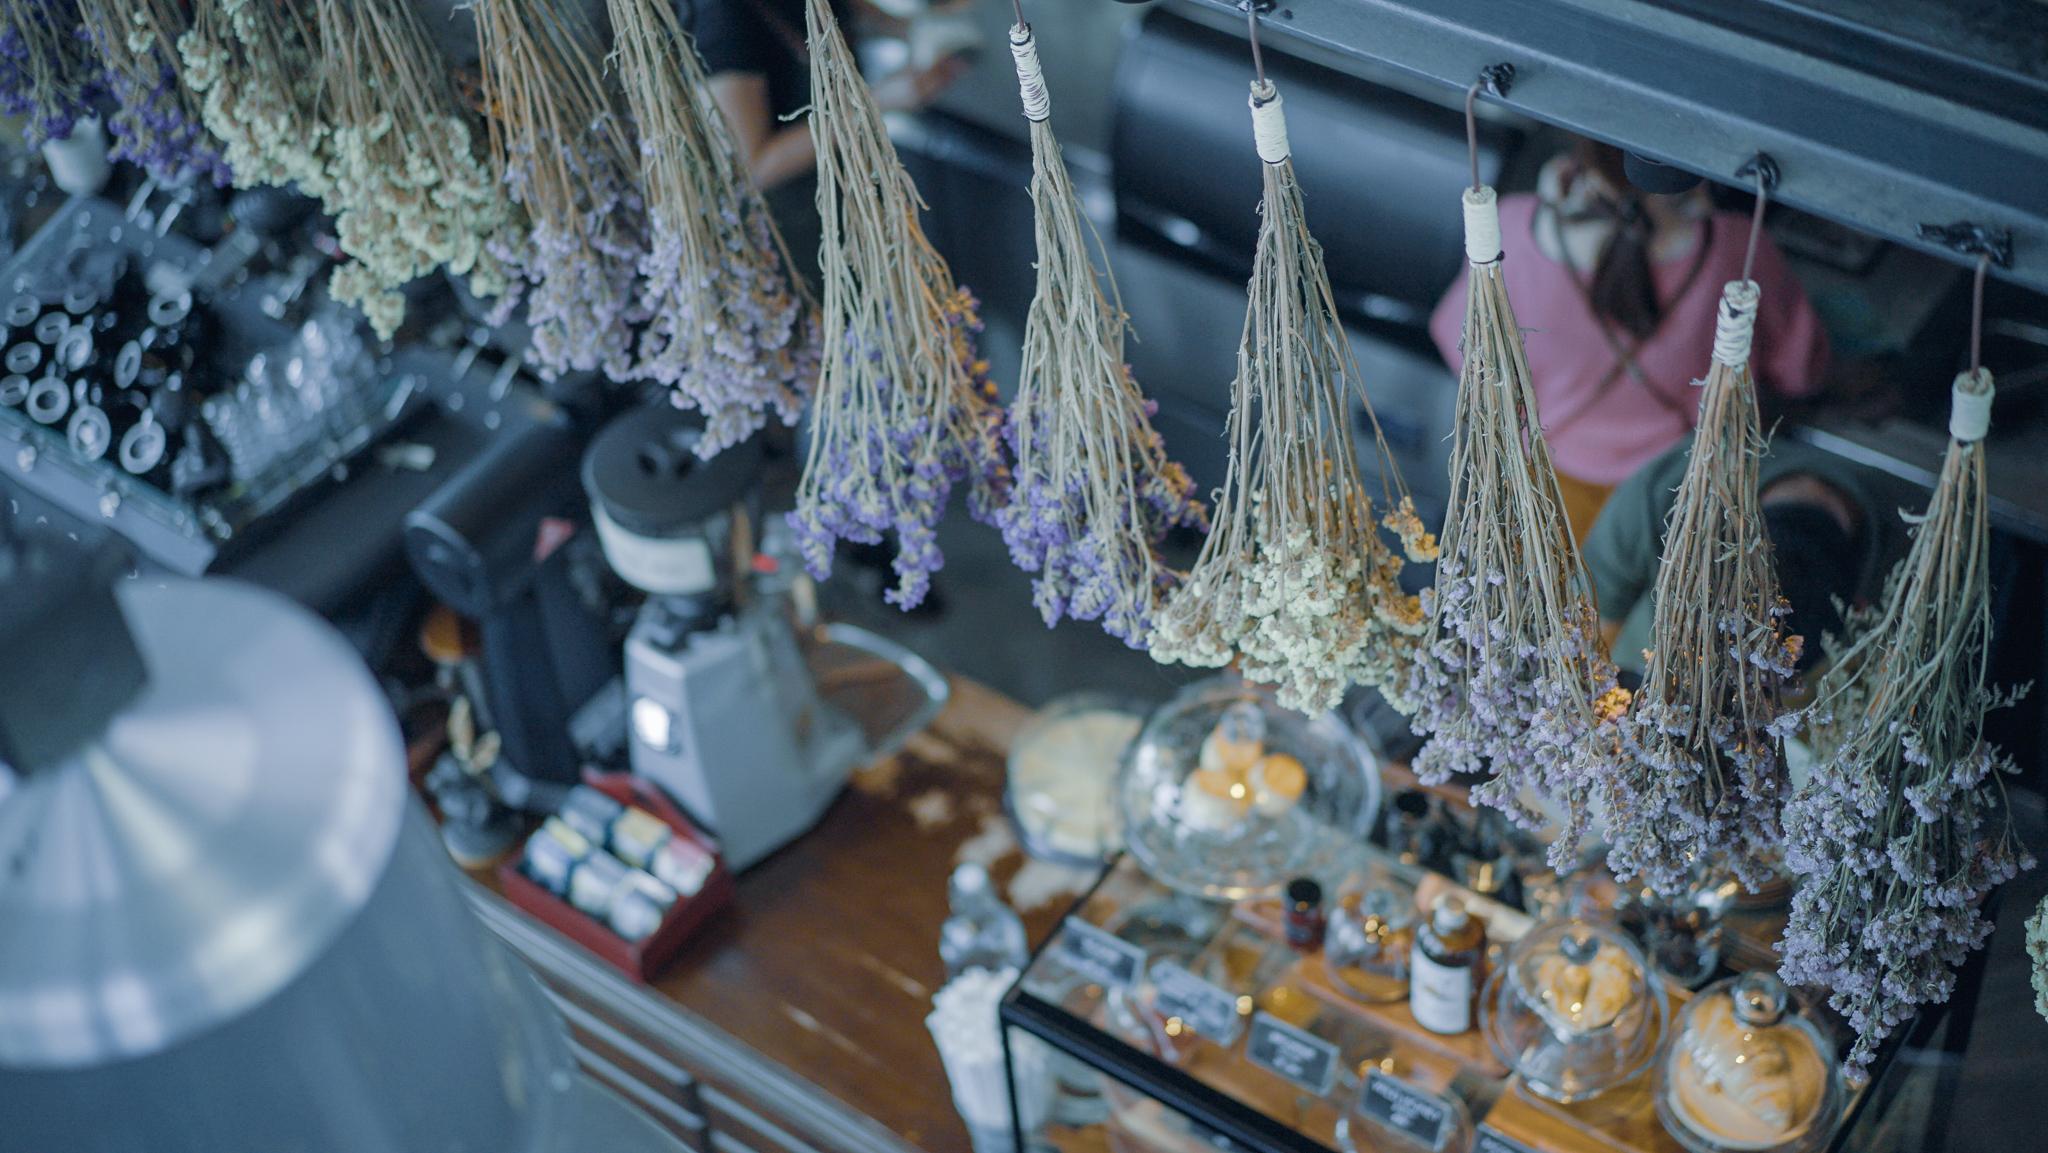 バンコク・ラップラオのカフェ「ARTISAN」のインテリア